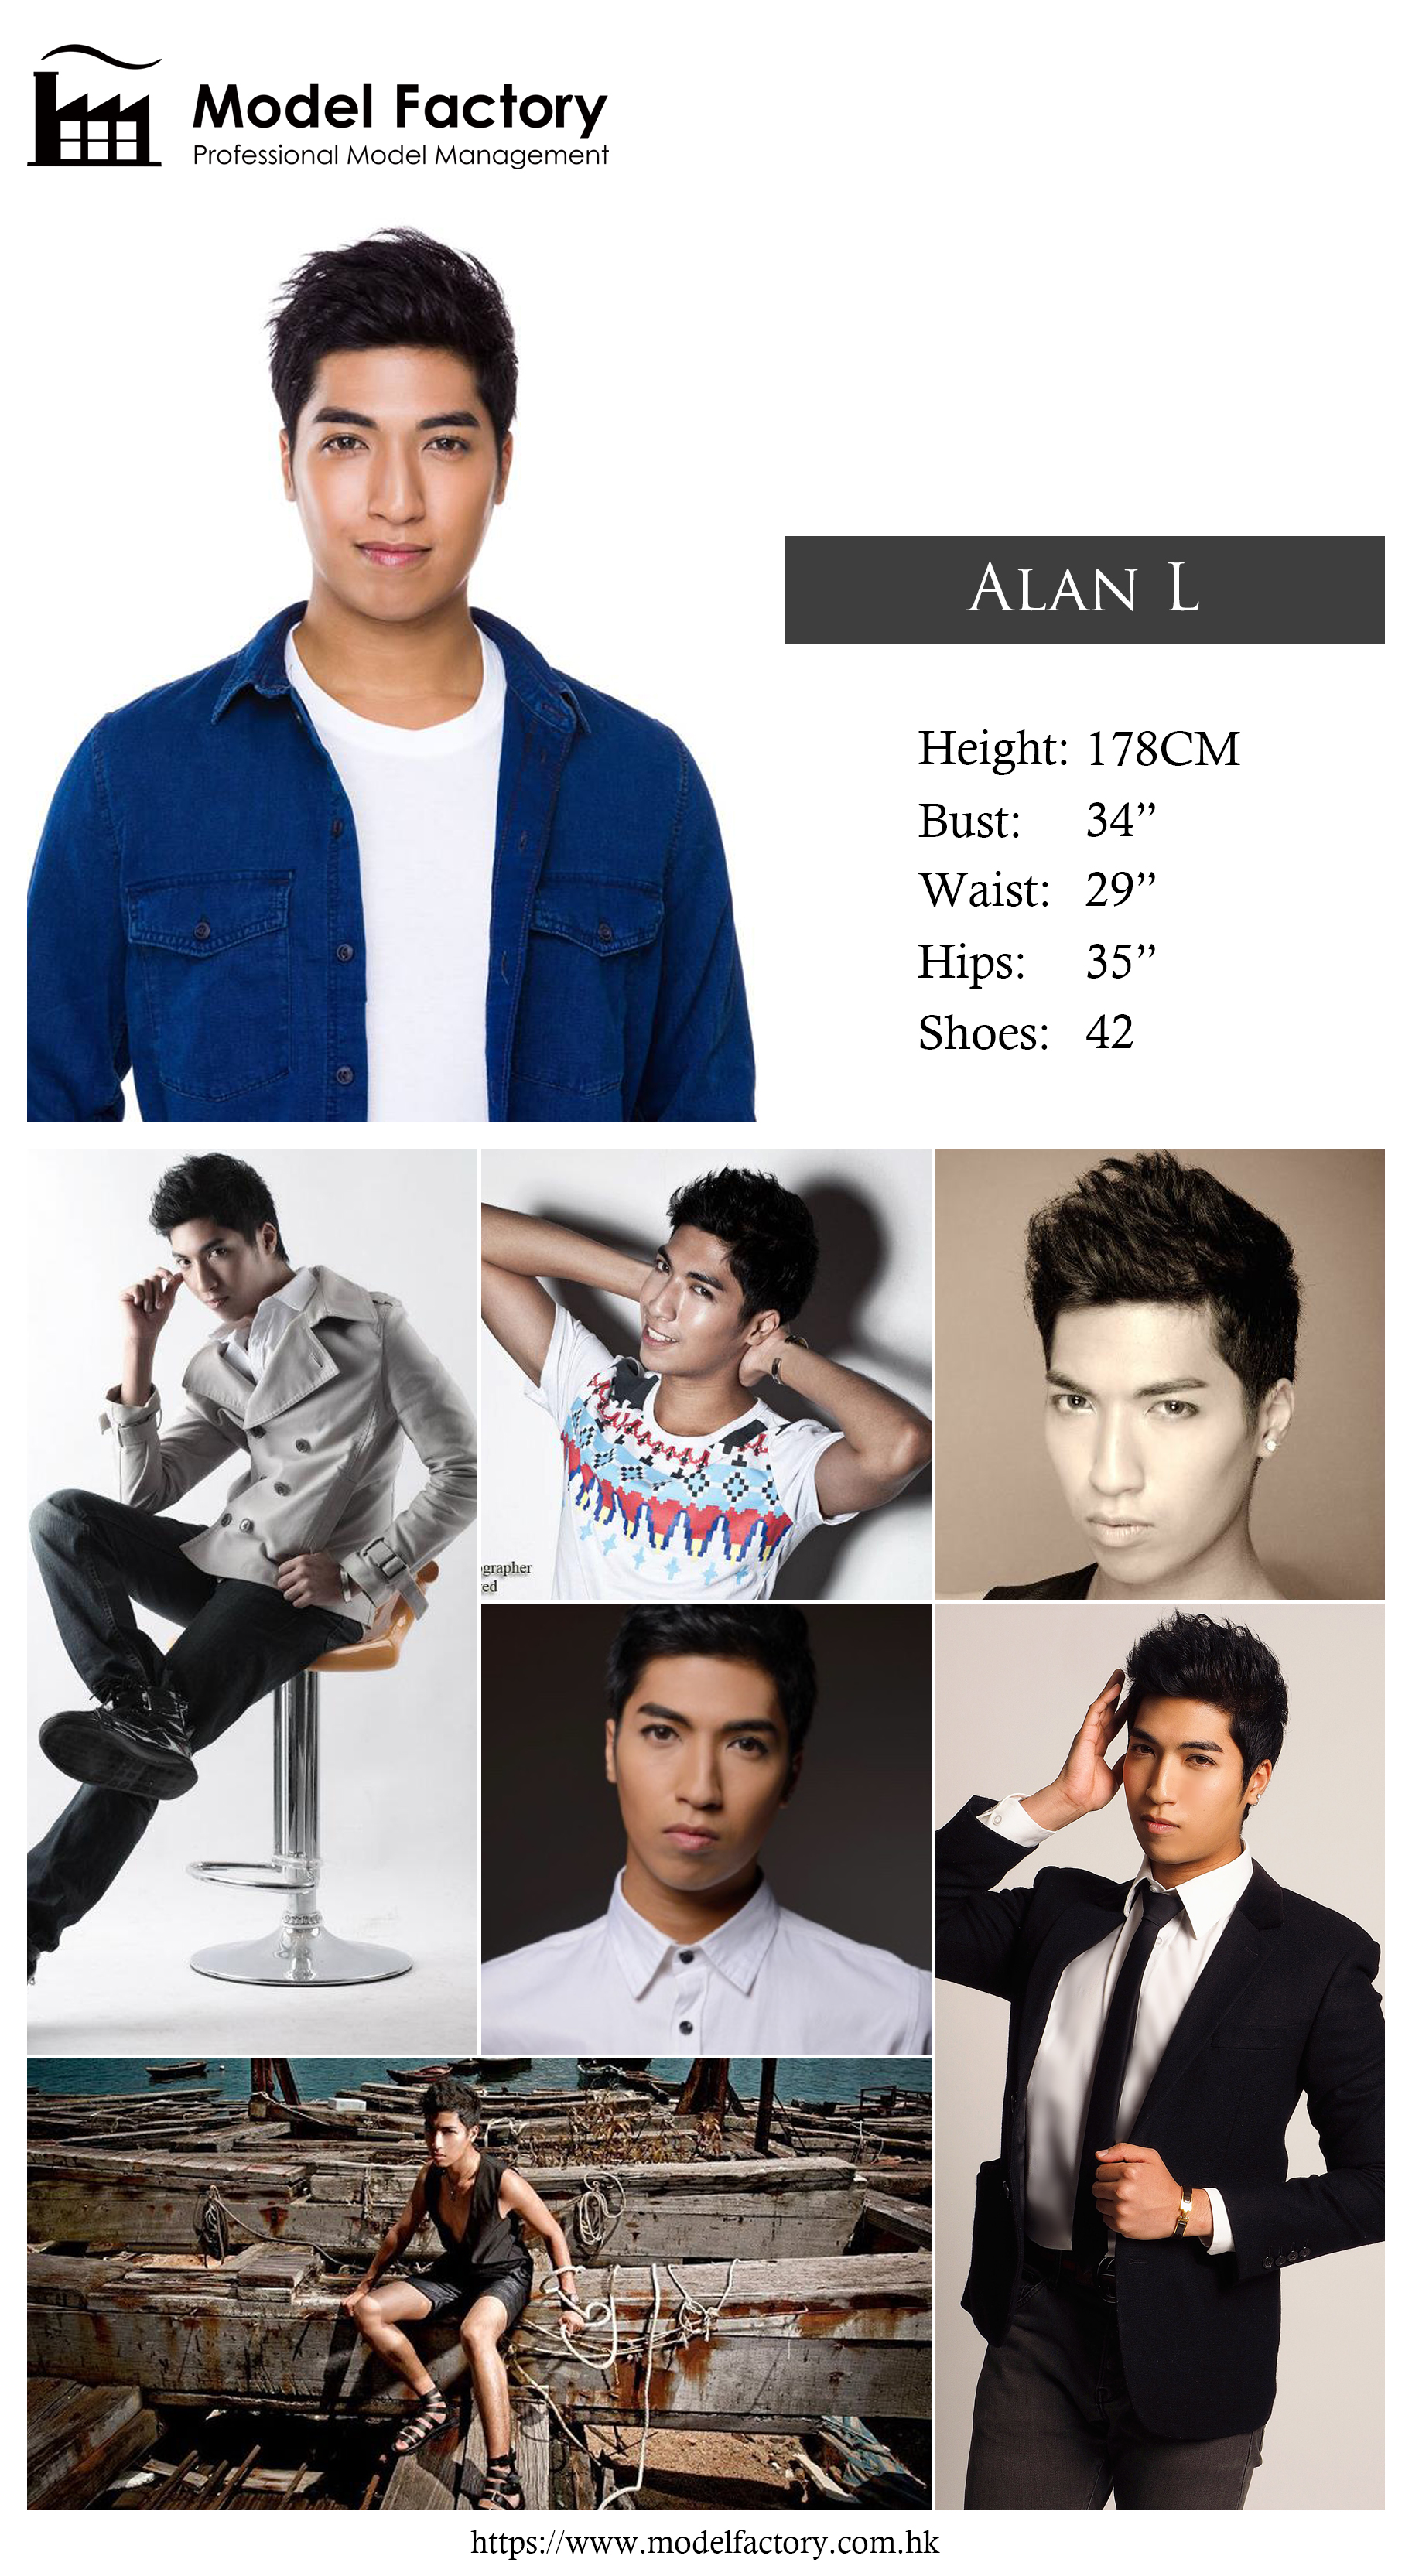 Model Factory Hong Kong Male Model AlanL